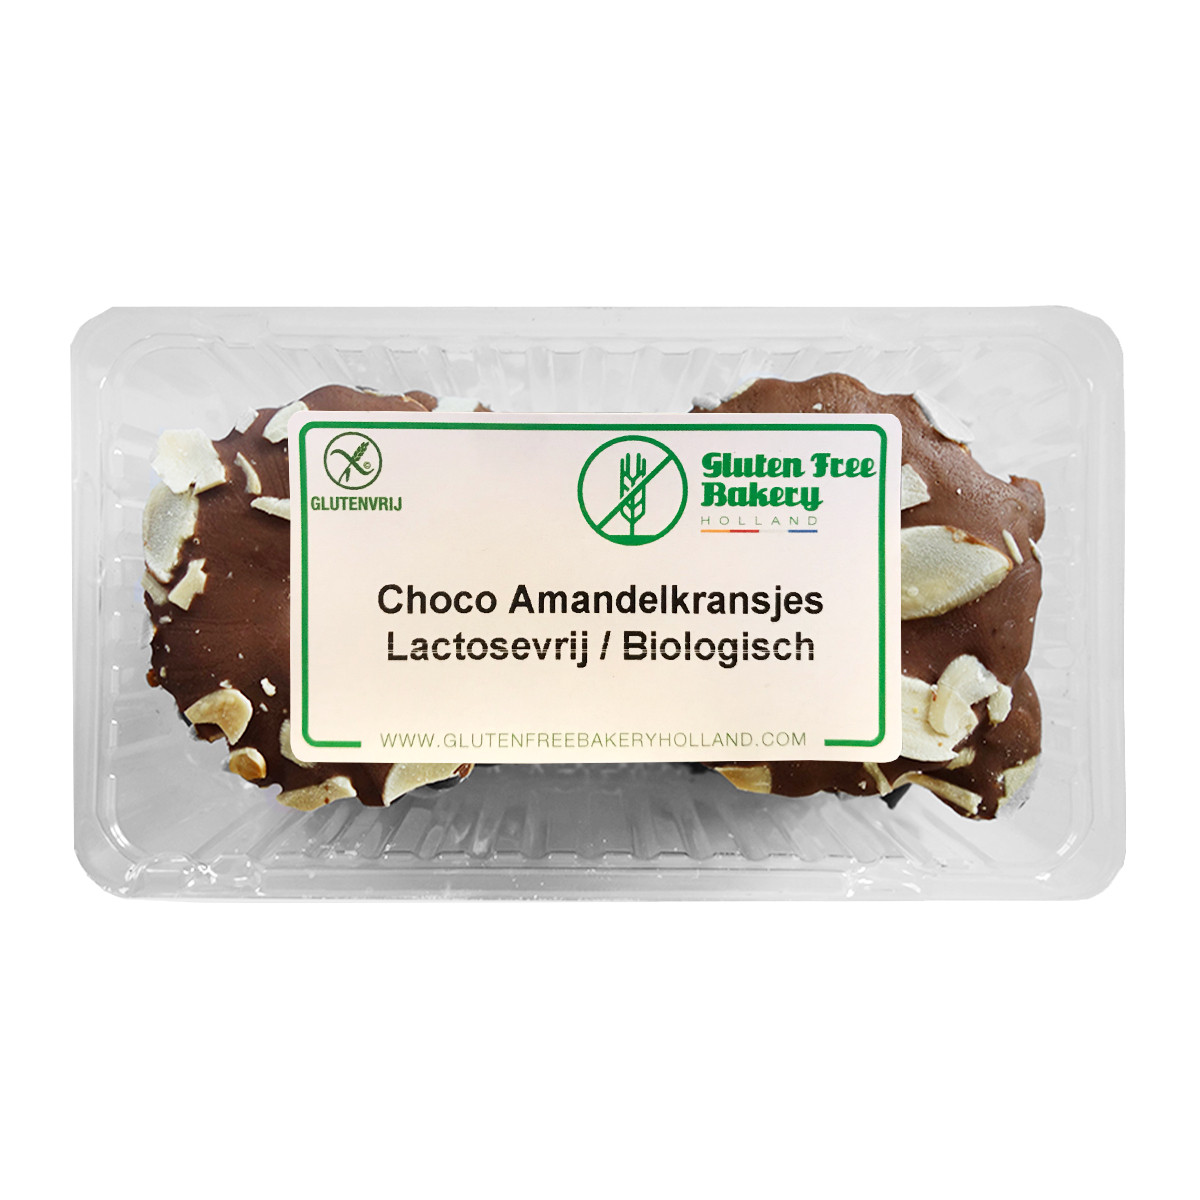 Kerstkransjes Choco Amandel Lactosevrij